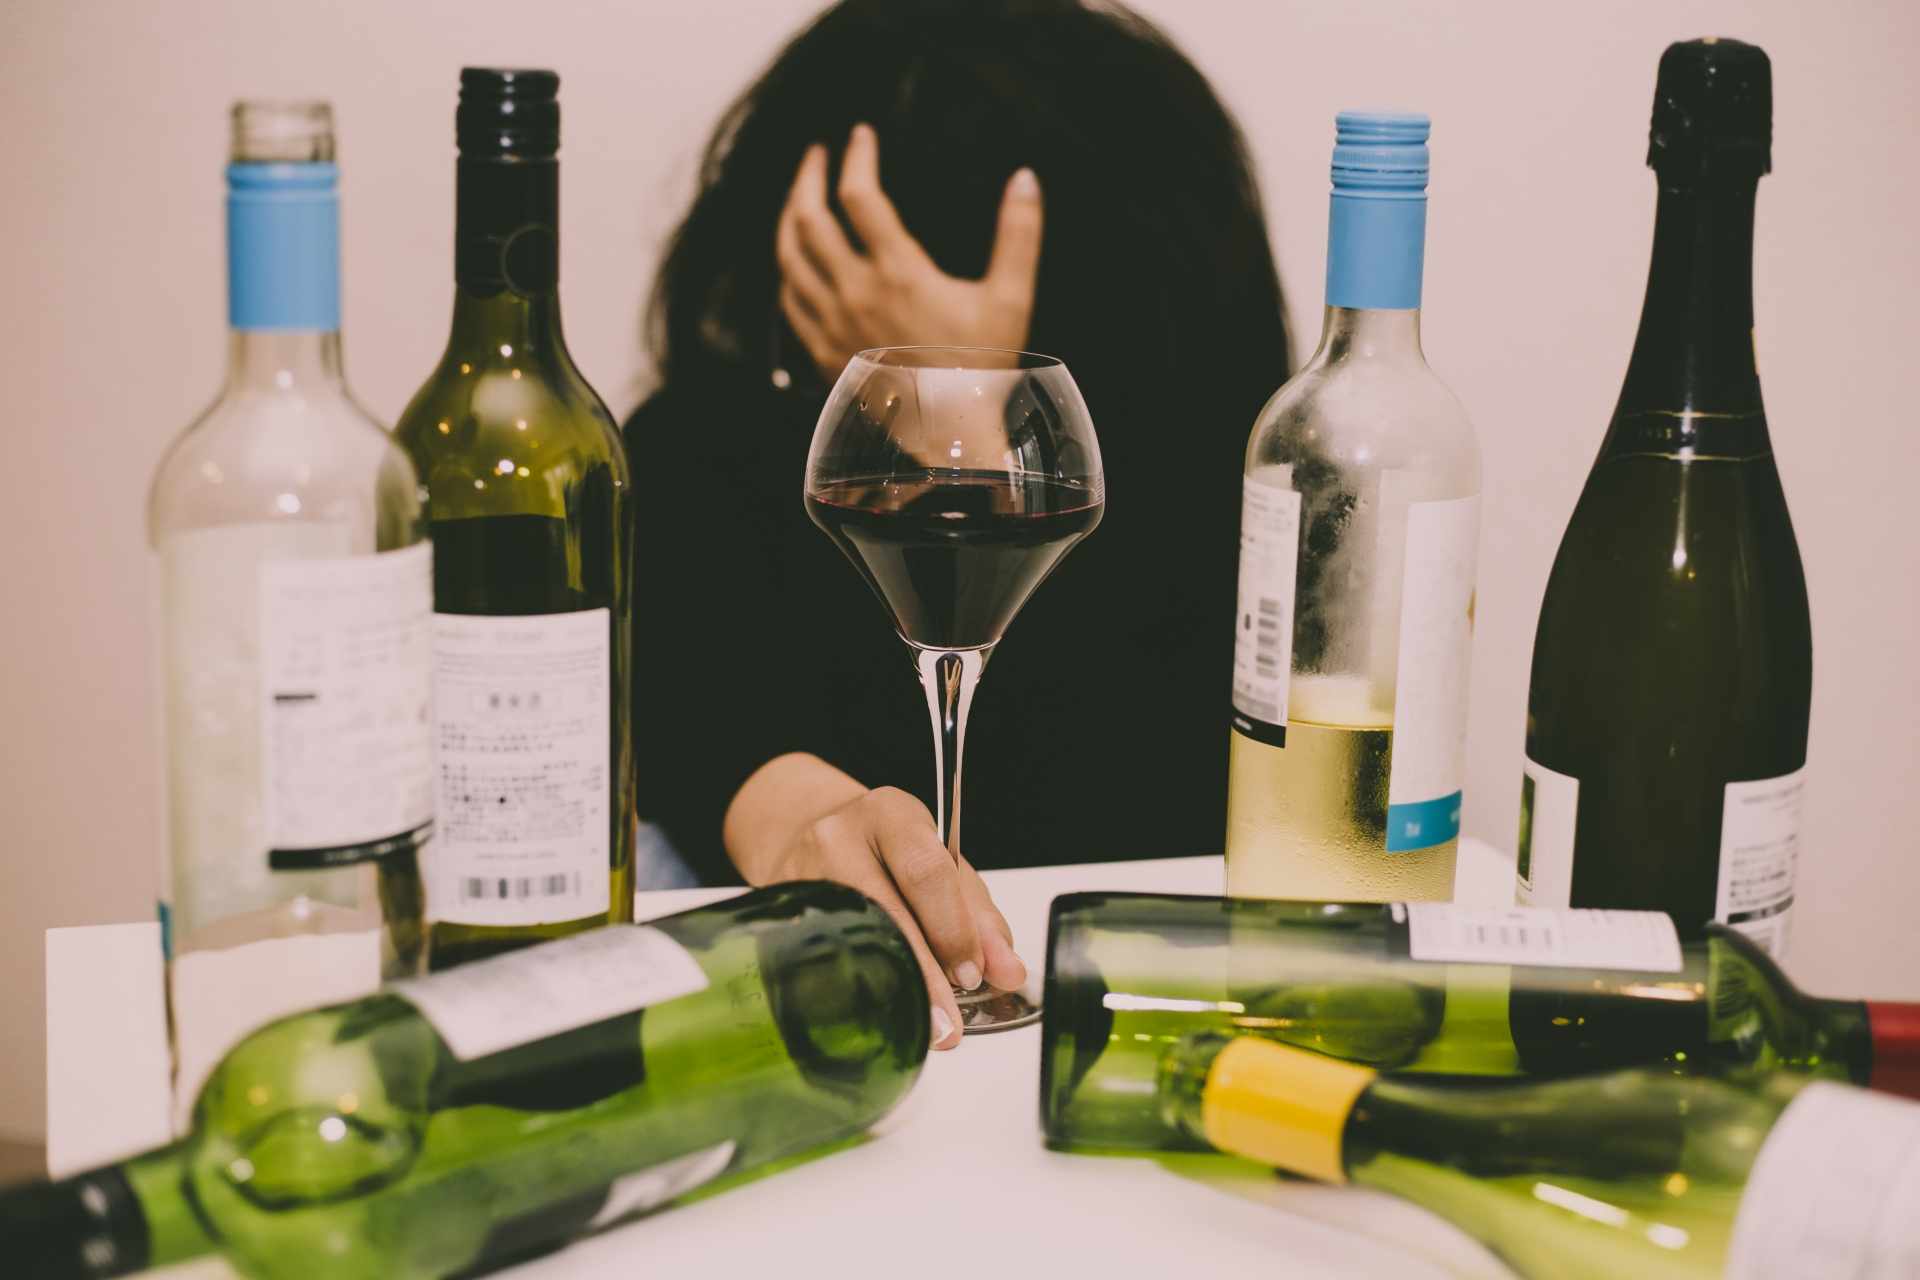 酔い覚ましの方法はコレがおすすめ!二日酔いに効く飲み物や食べ物も紹介!